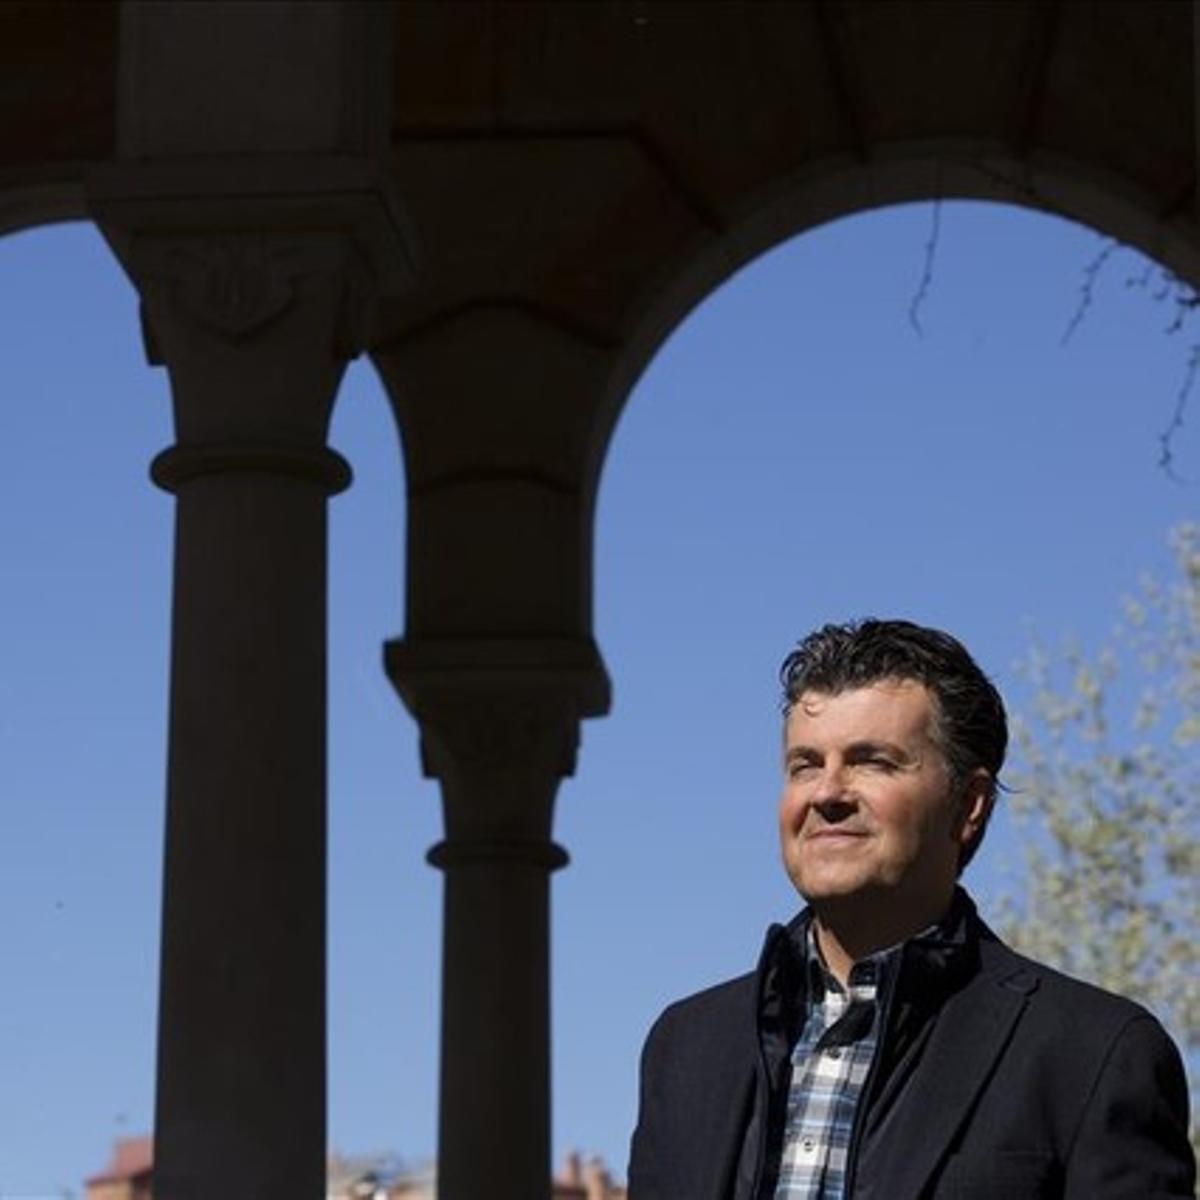 Ramon Gener, director y presentador de 'This is opera' (La 2), en el parque de la Ciutadella de Barcelona.